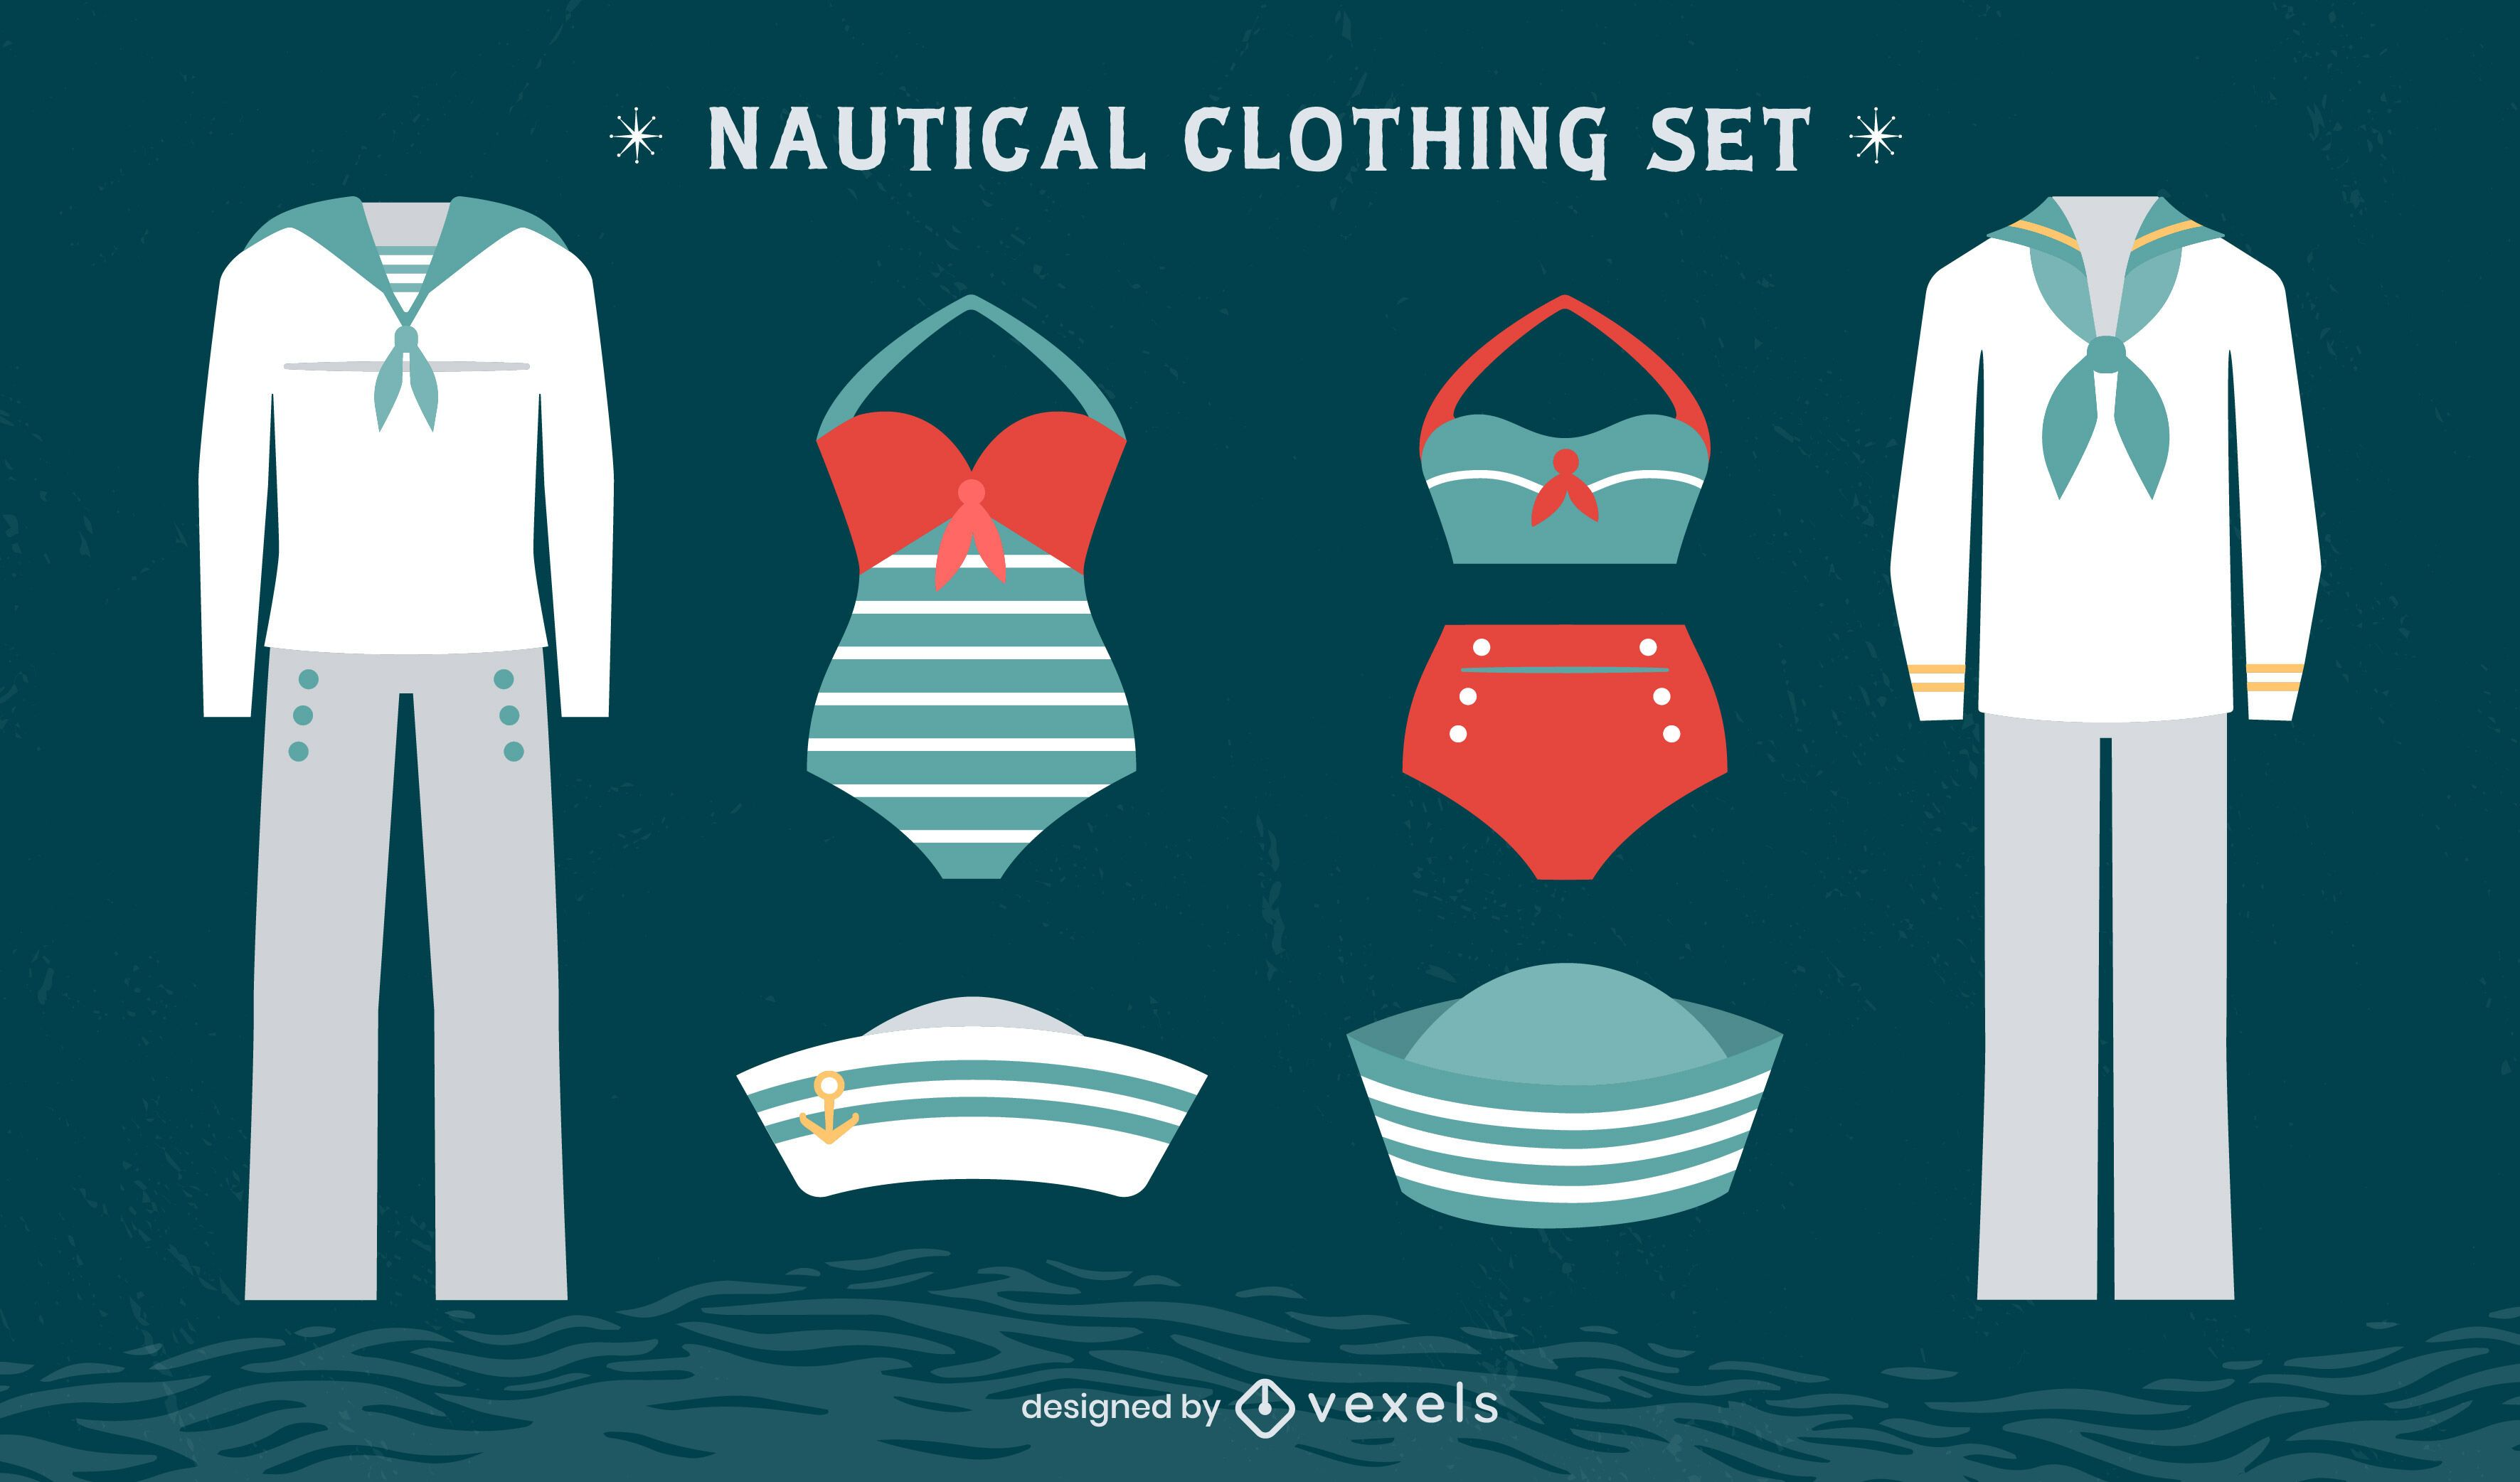 Nautical vintage sailor uniform set